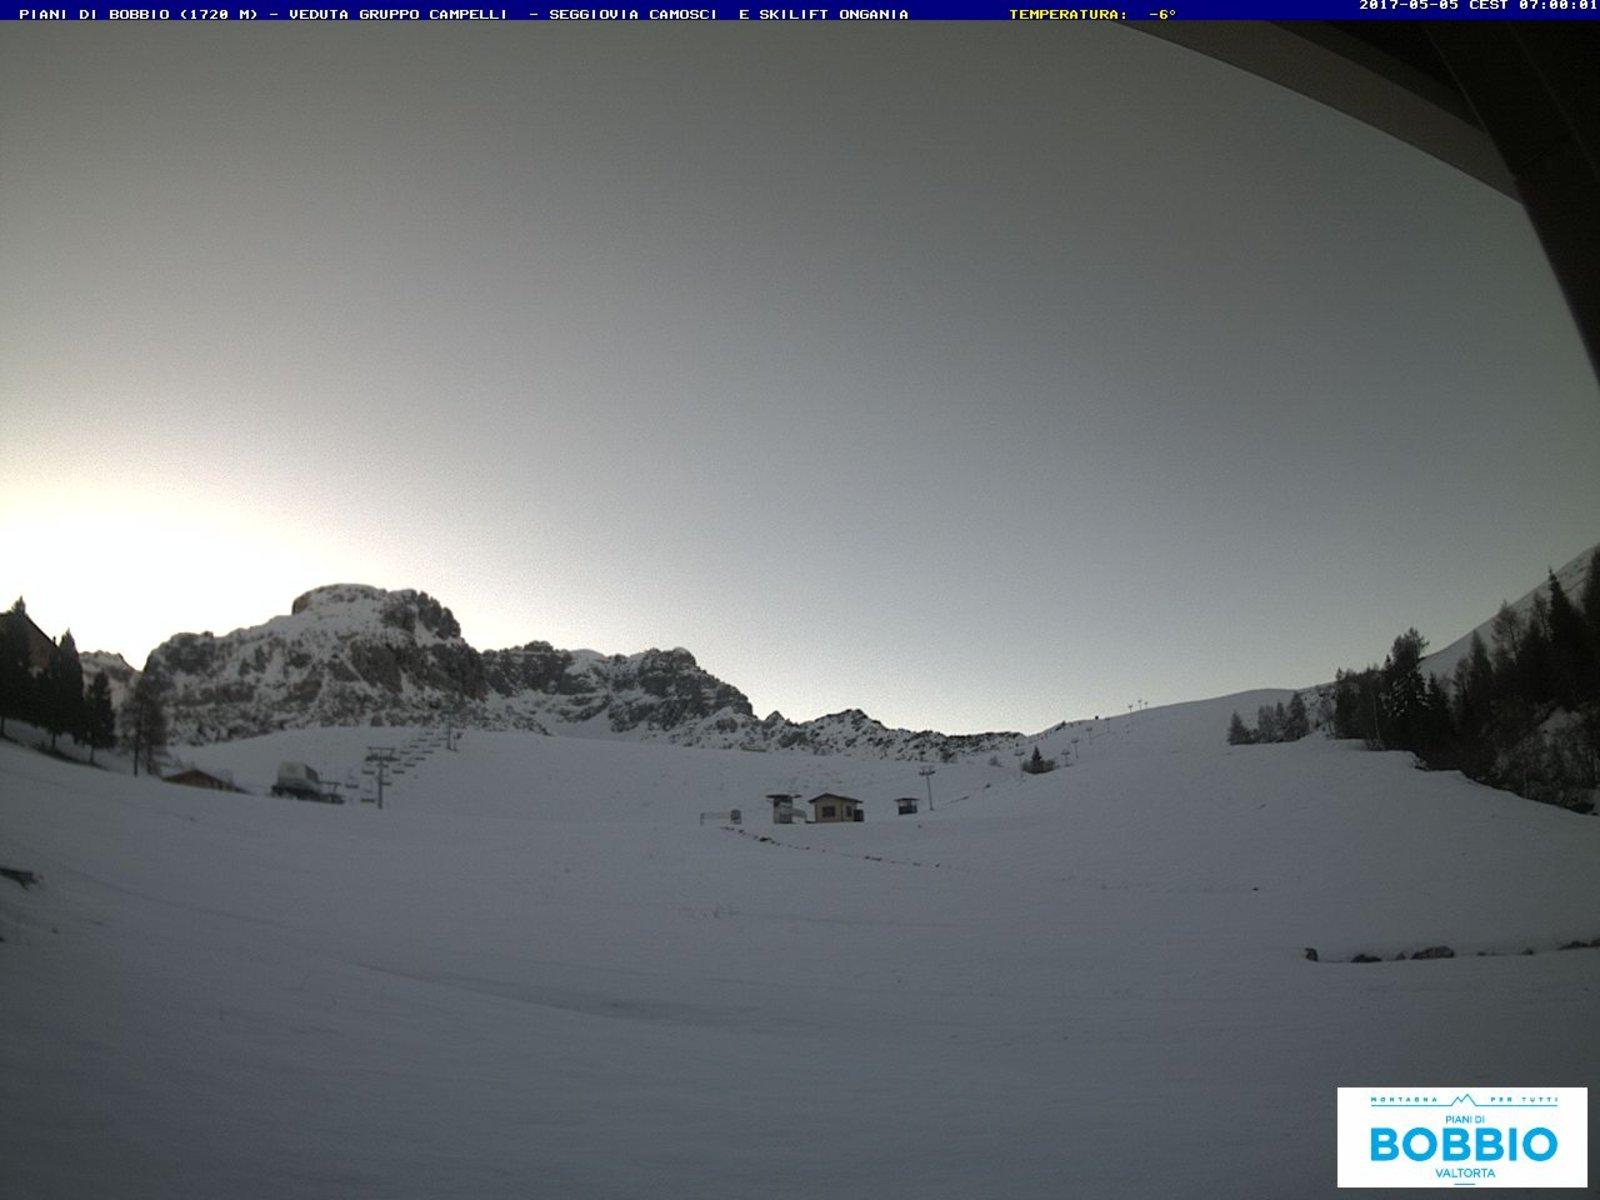 campelli1 800 - Neve di Maggio, la situazione stamattina in Valsassina in Lombardia